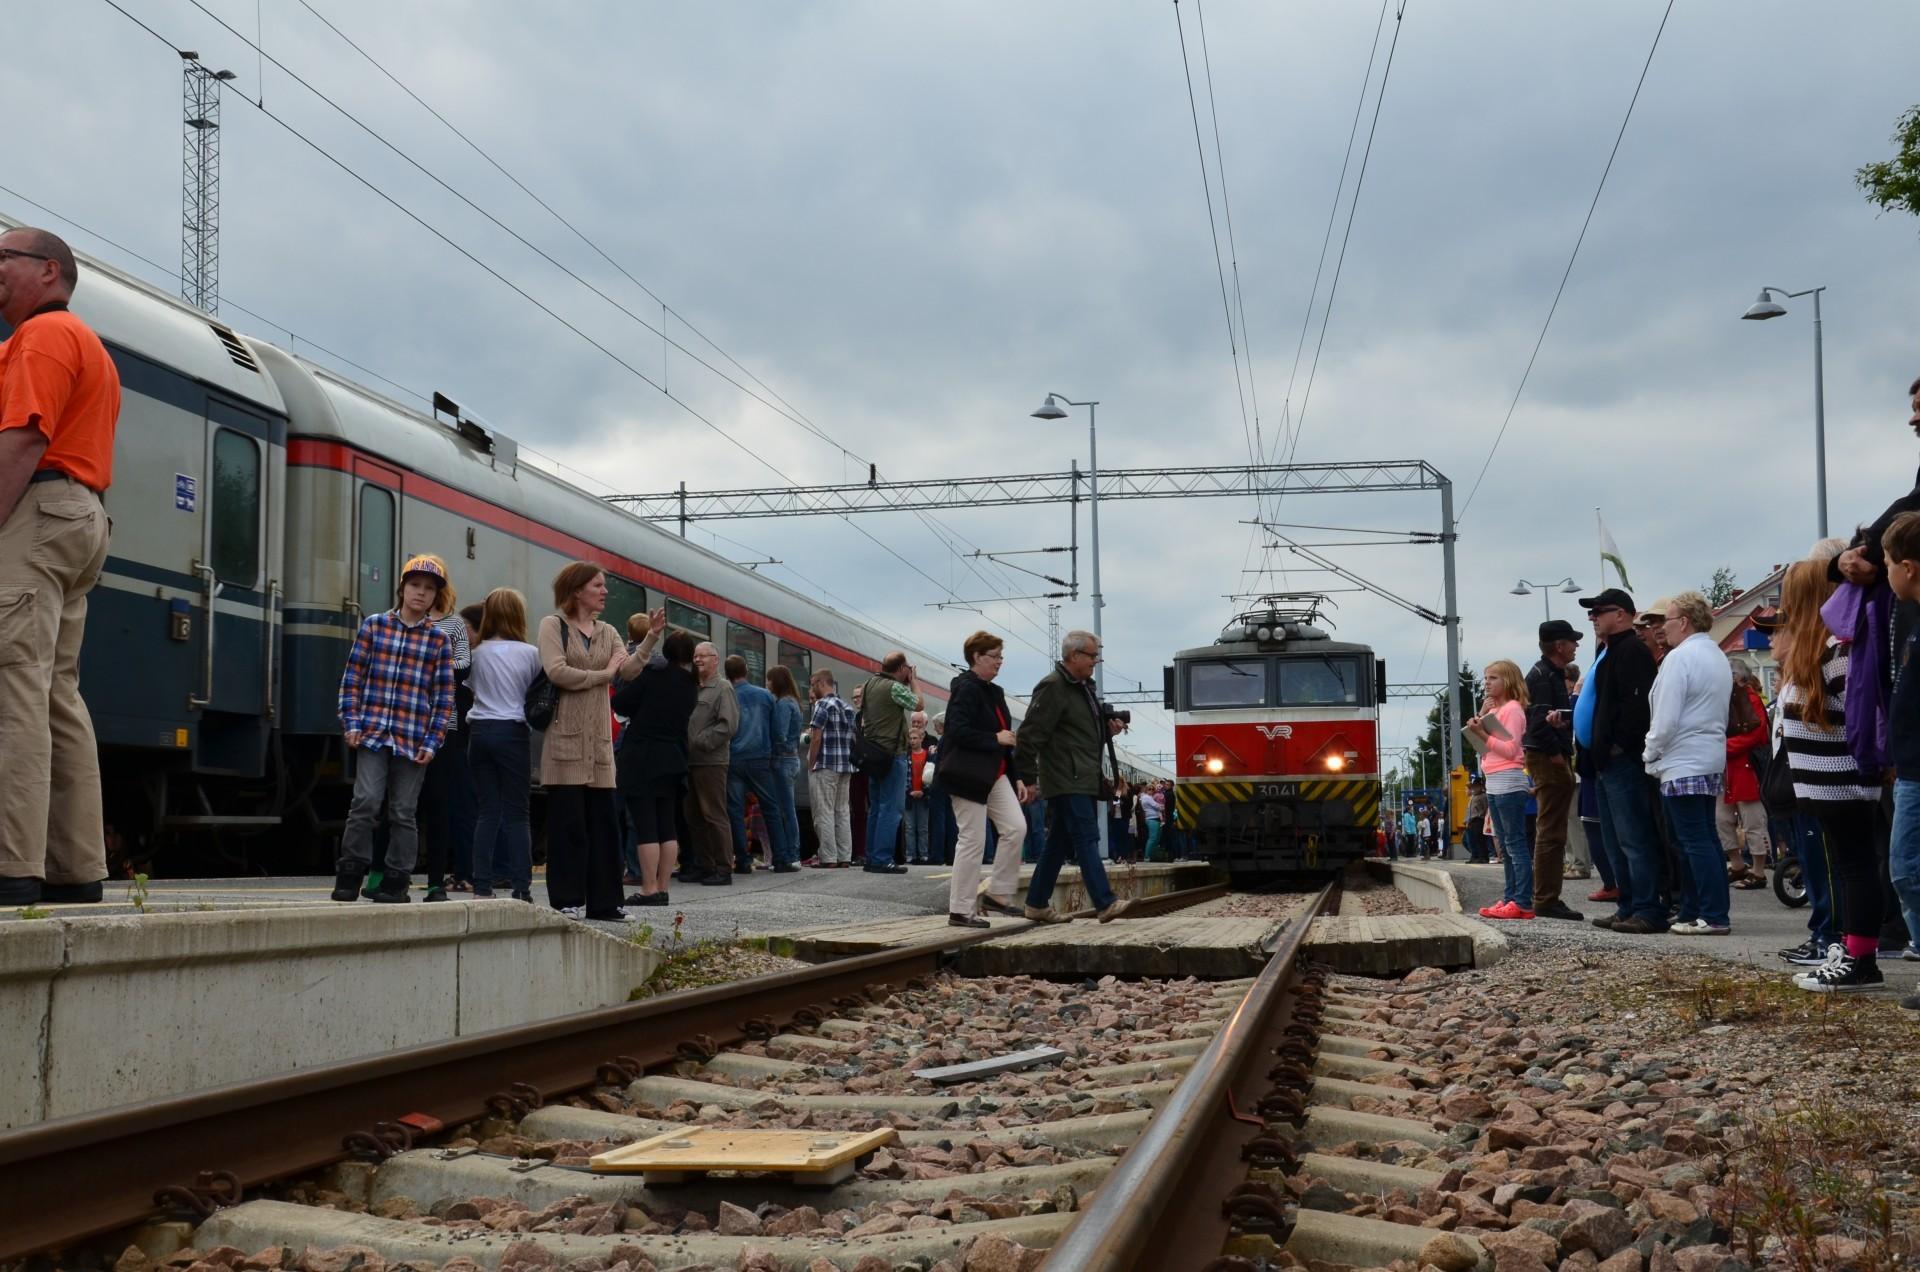 Sähköjuna saapuu Kajaaniin raiteille yksi.